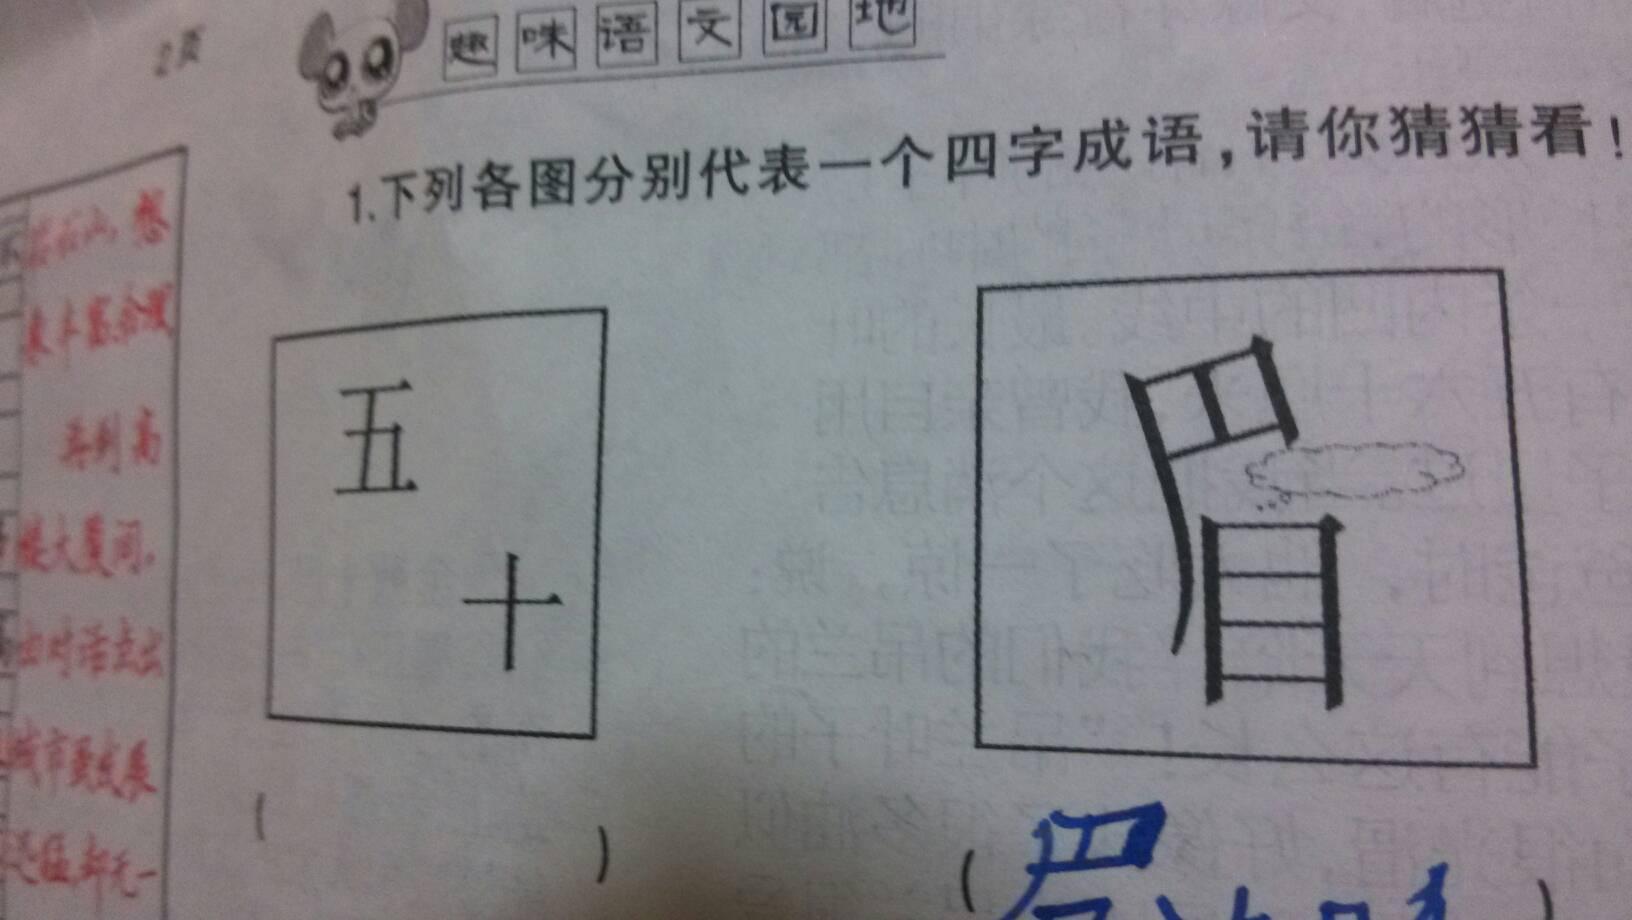 每个图代表一个4字成语求帮助图片